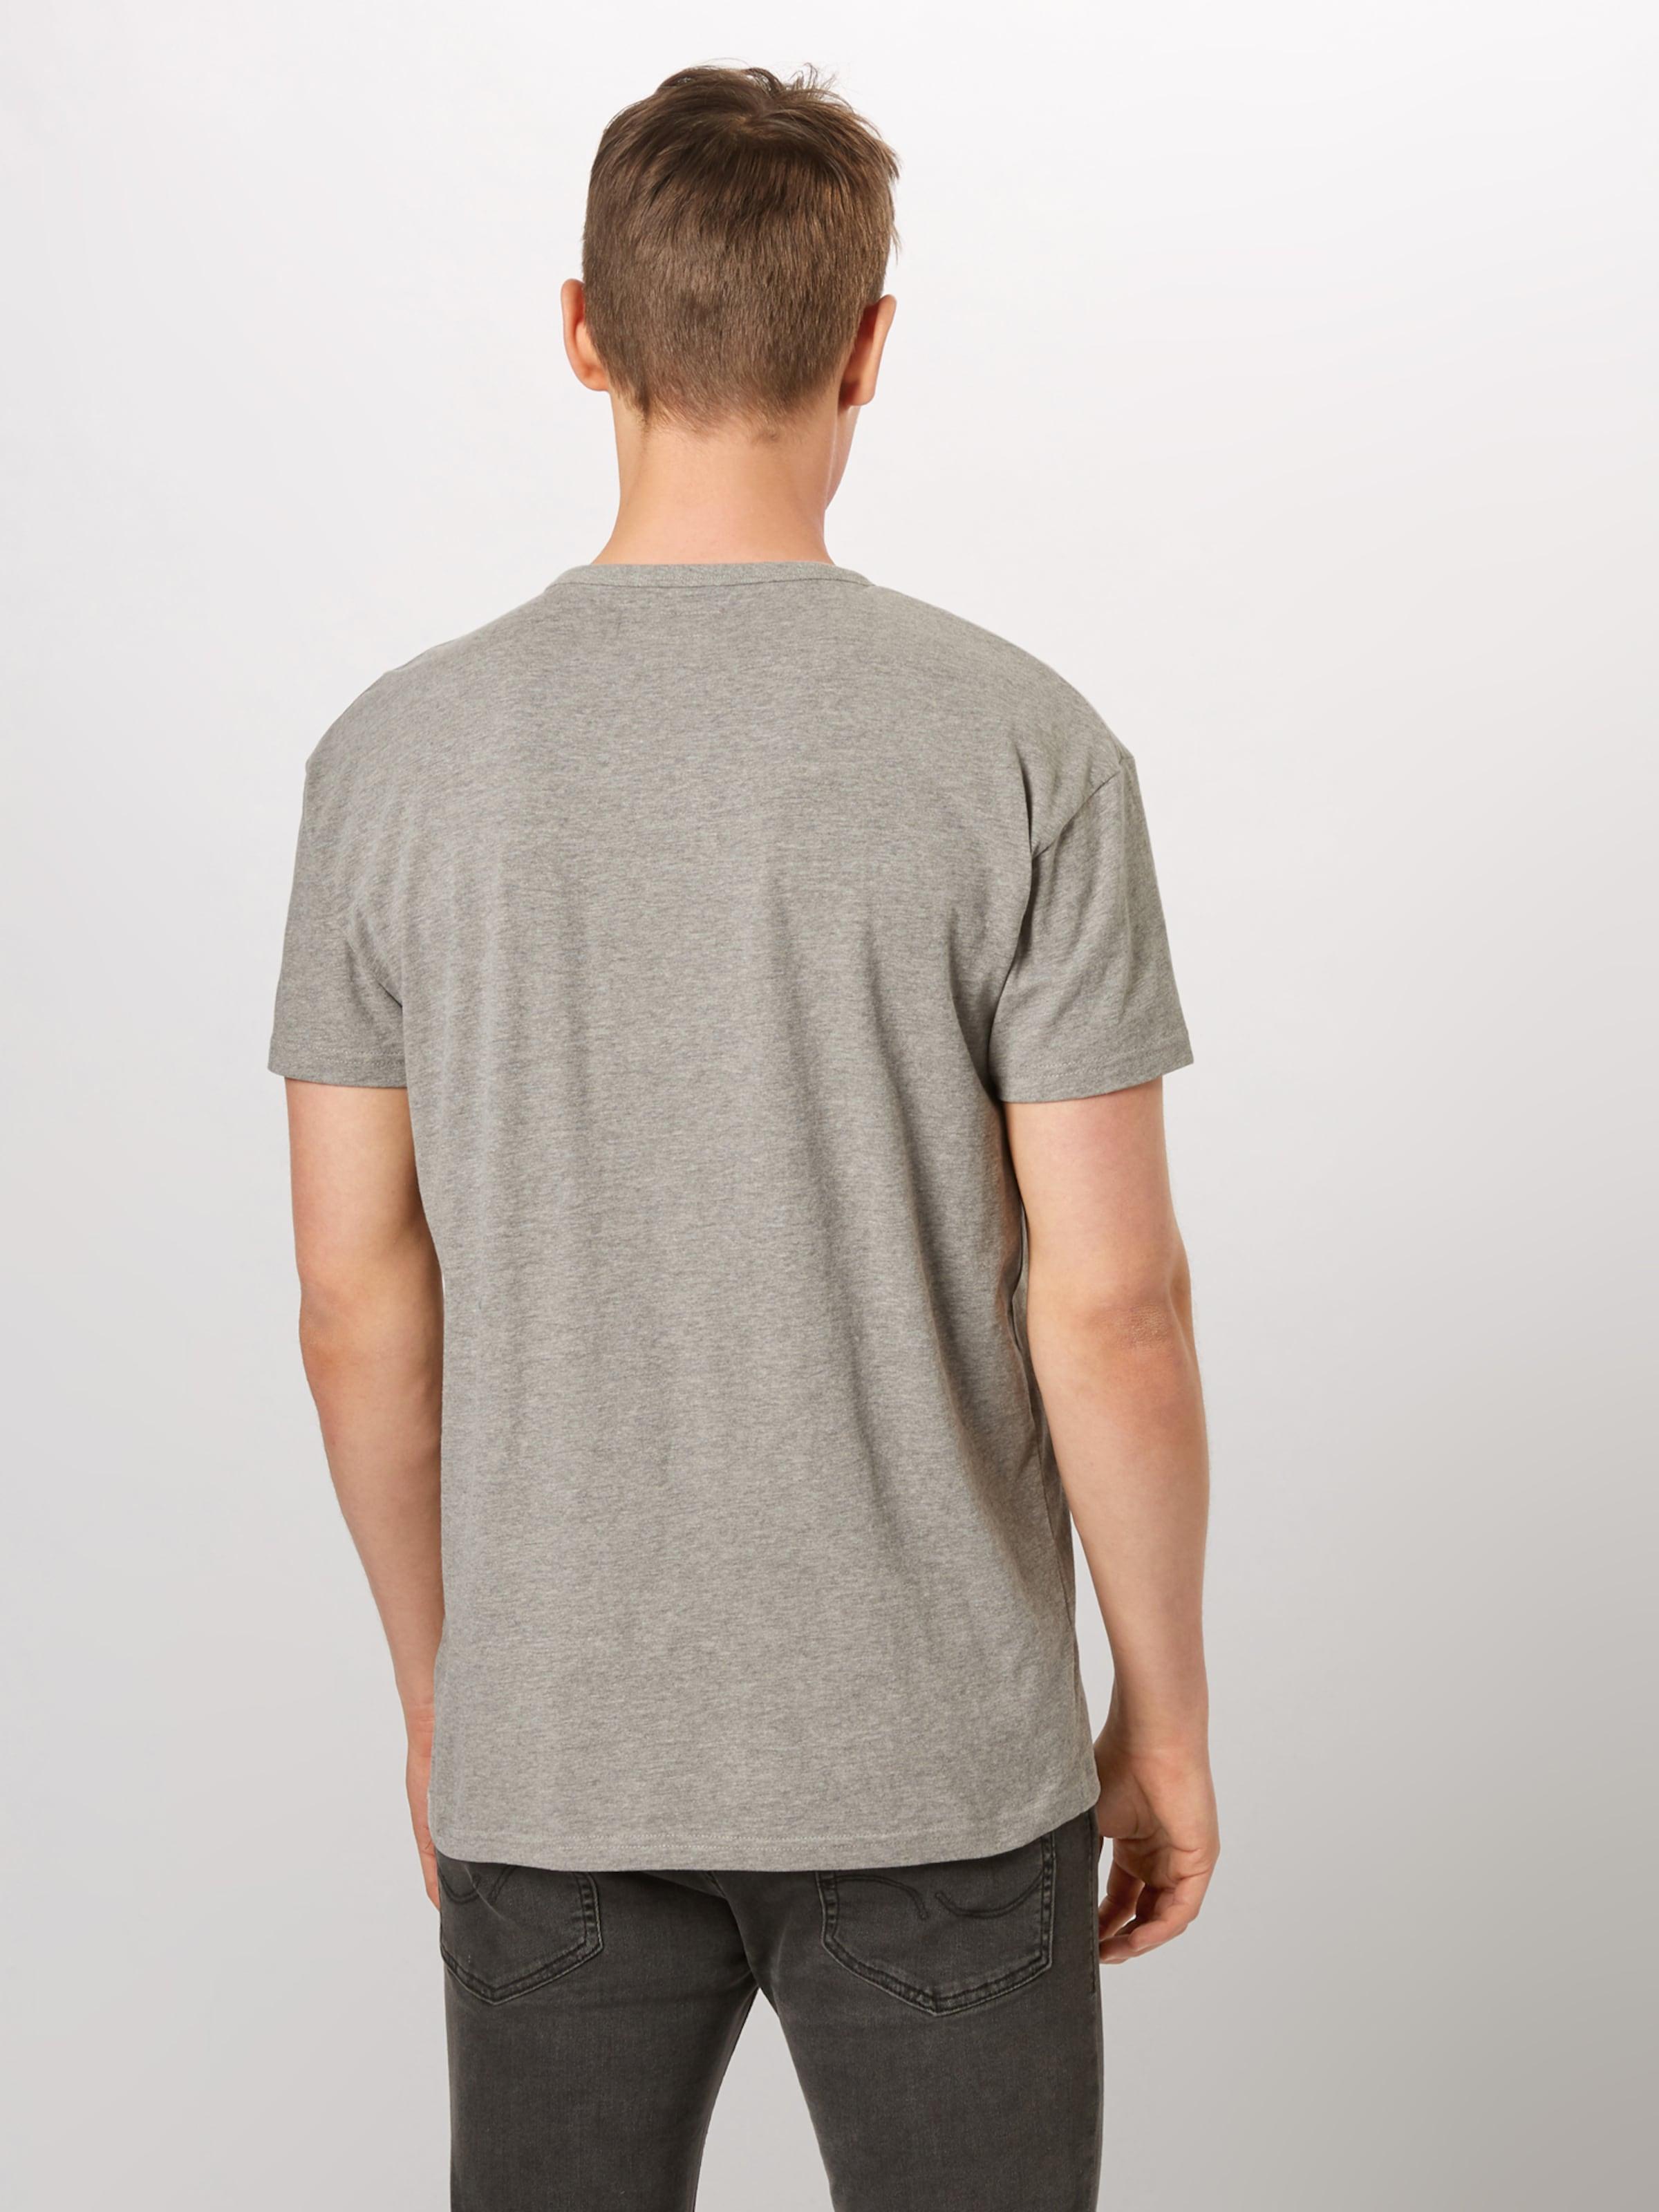 barsch' Gris T Derbe 'jf shirt En wXOTPkiZlu